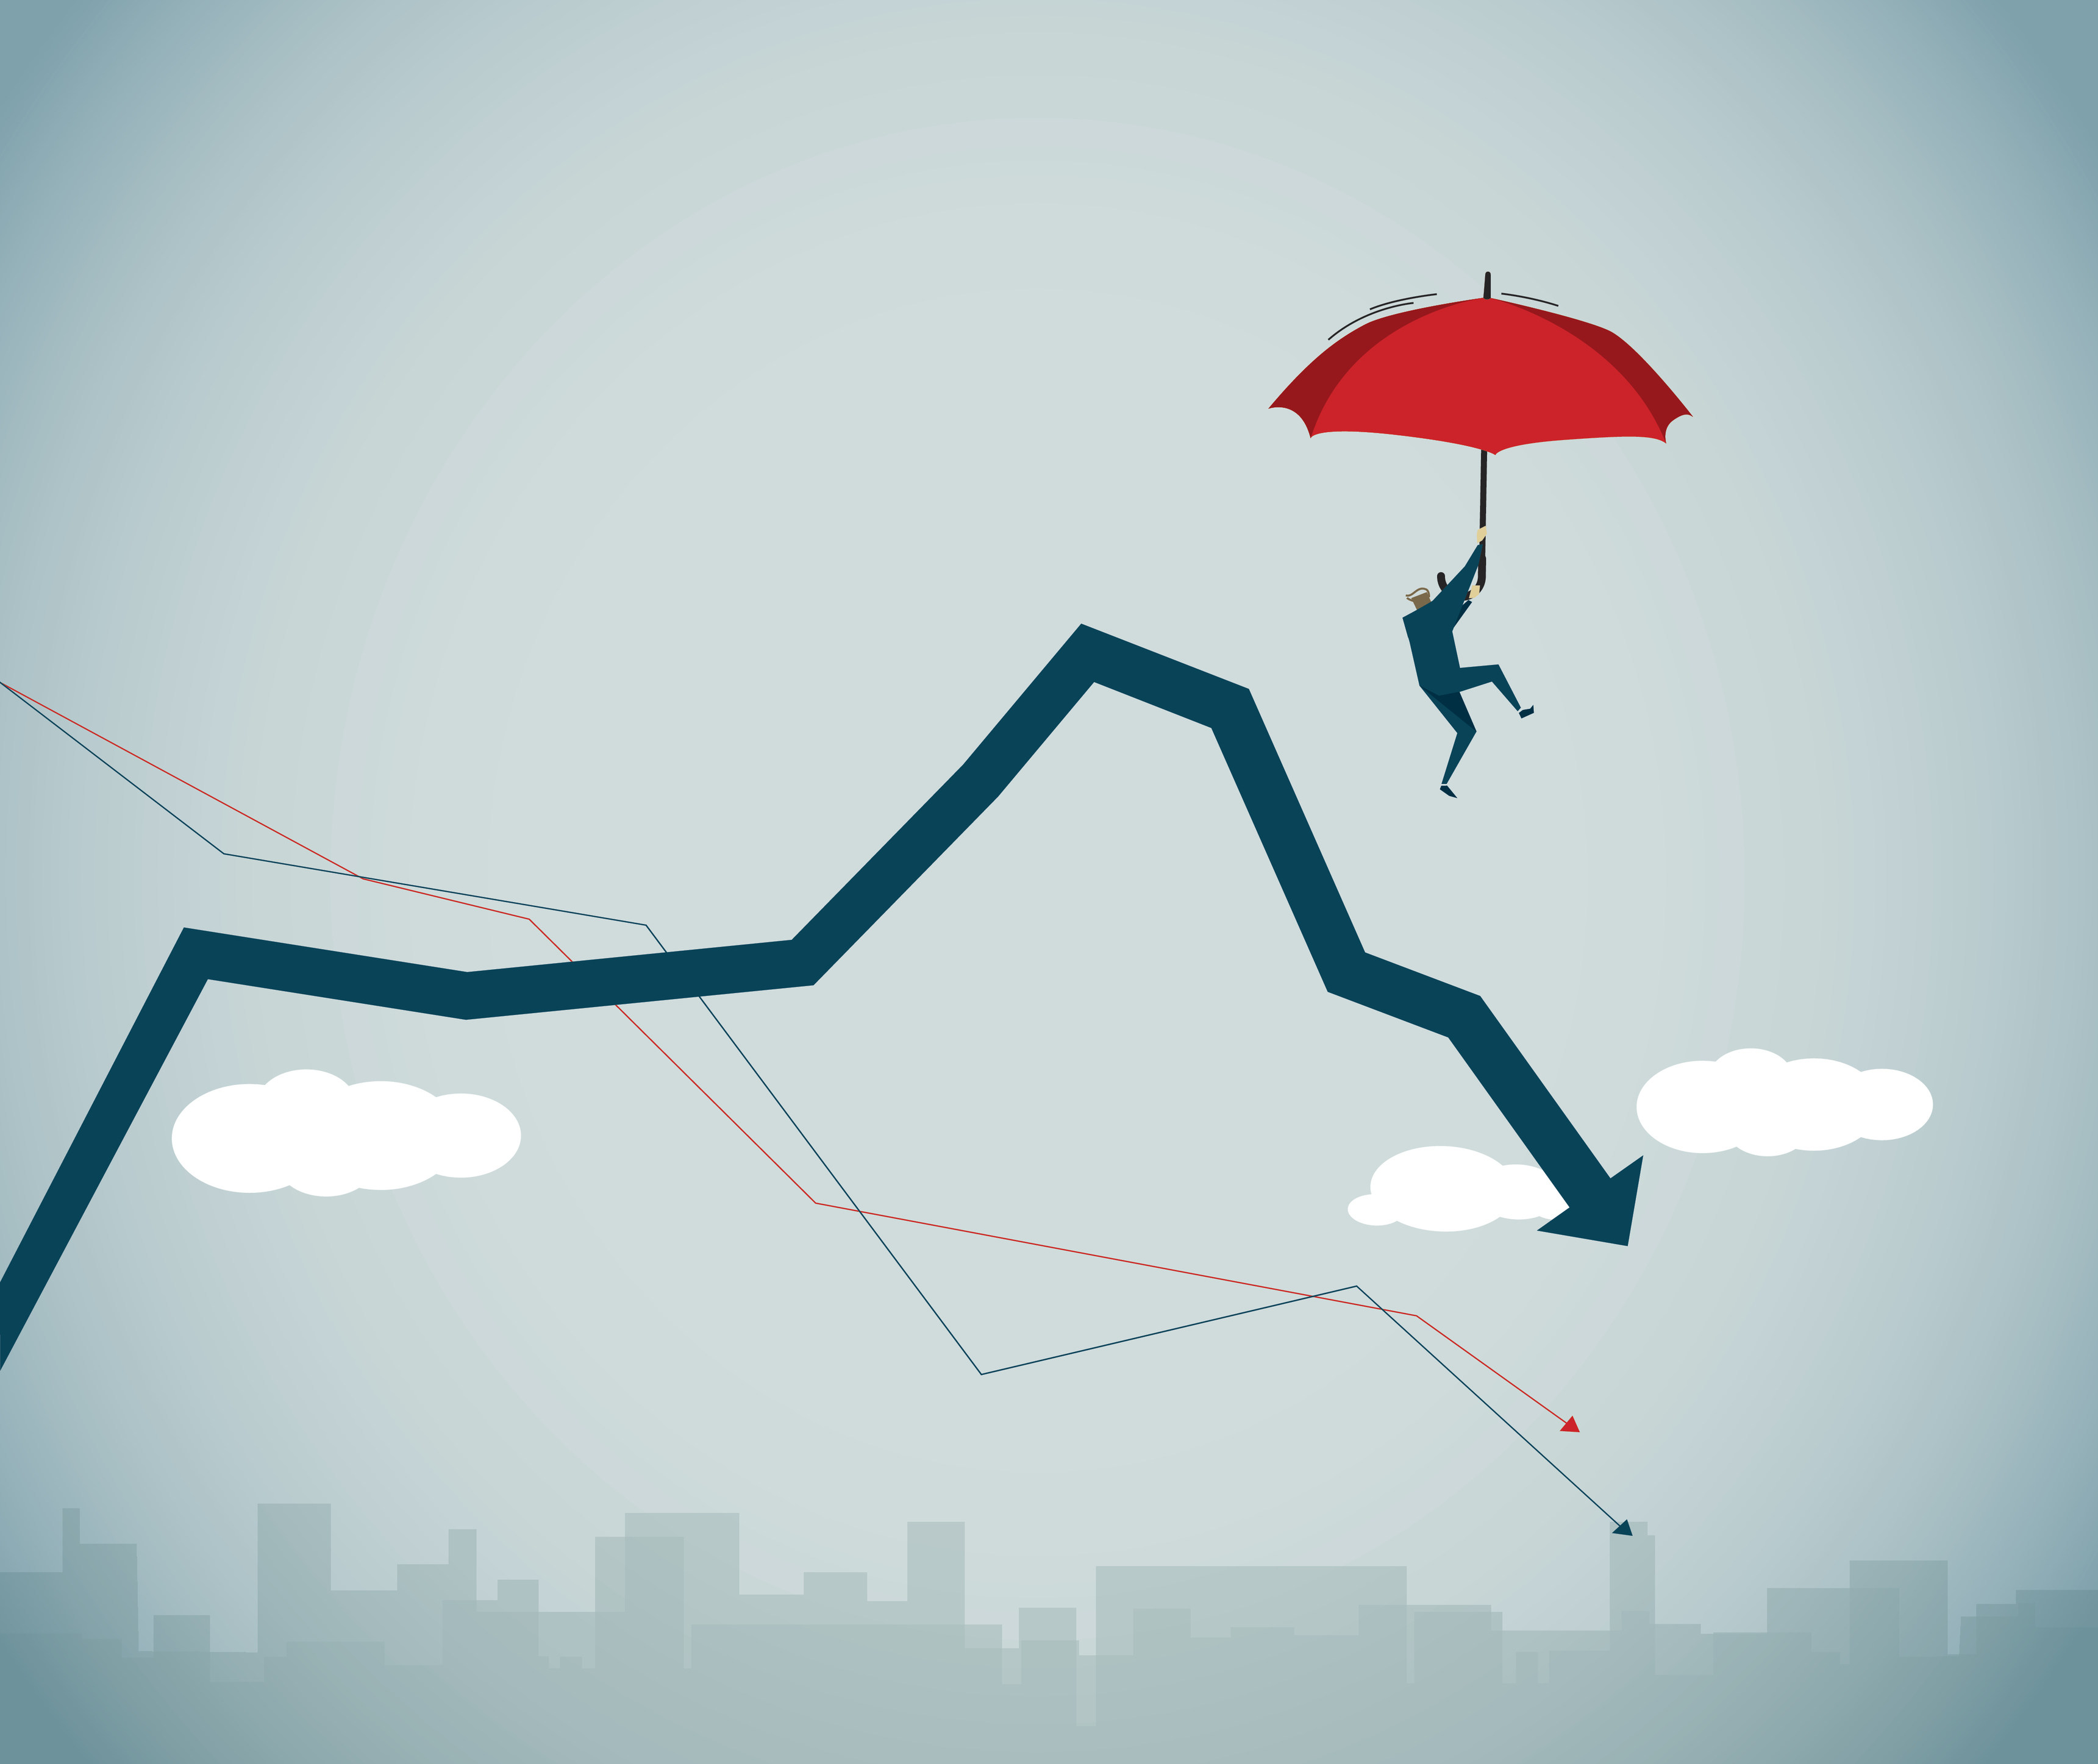 Inflación global: ¿de dónde viene y adónde va?